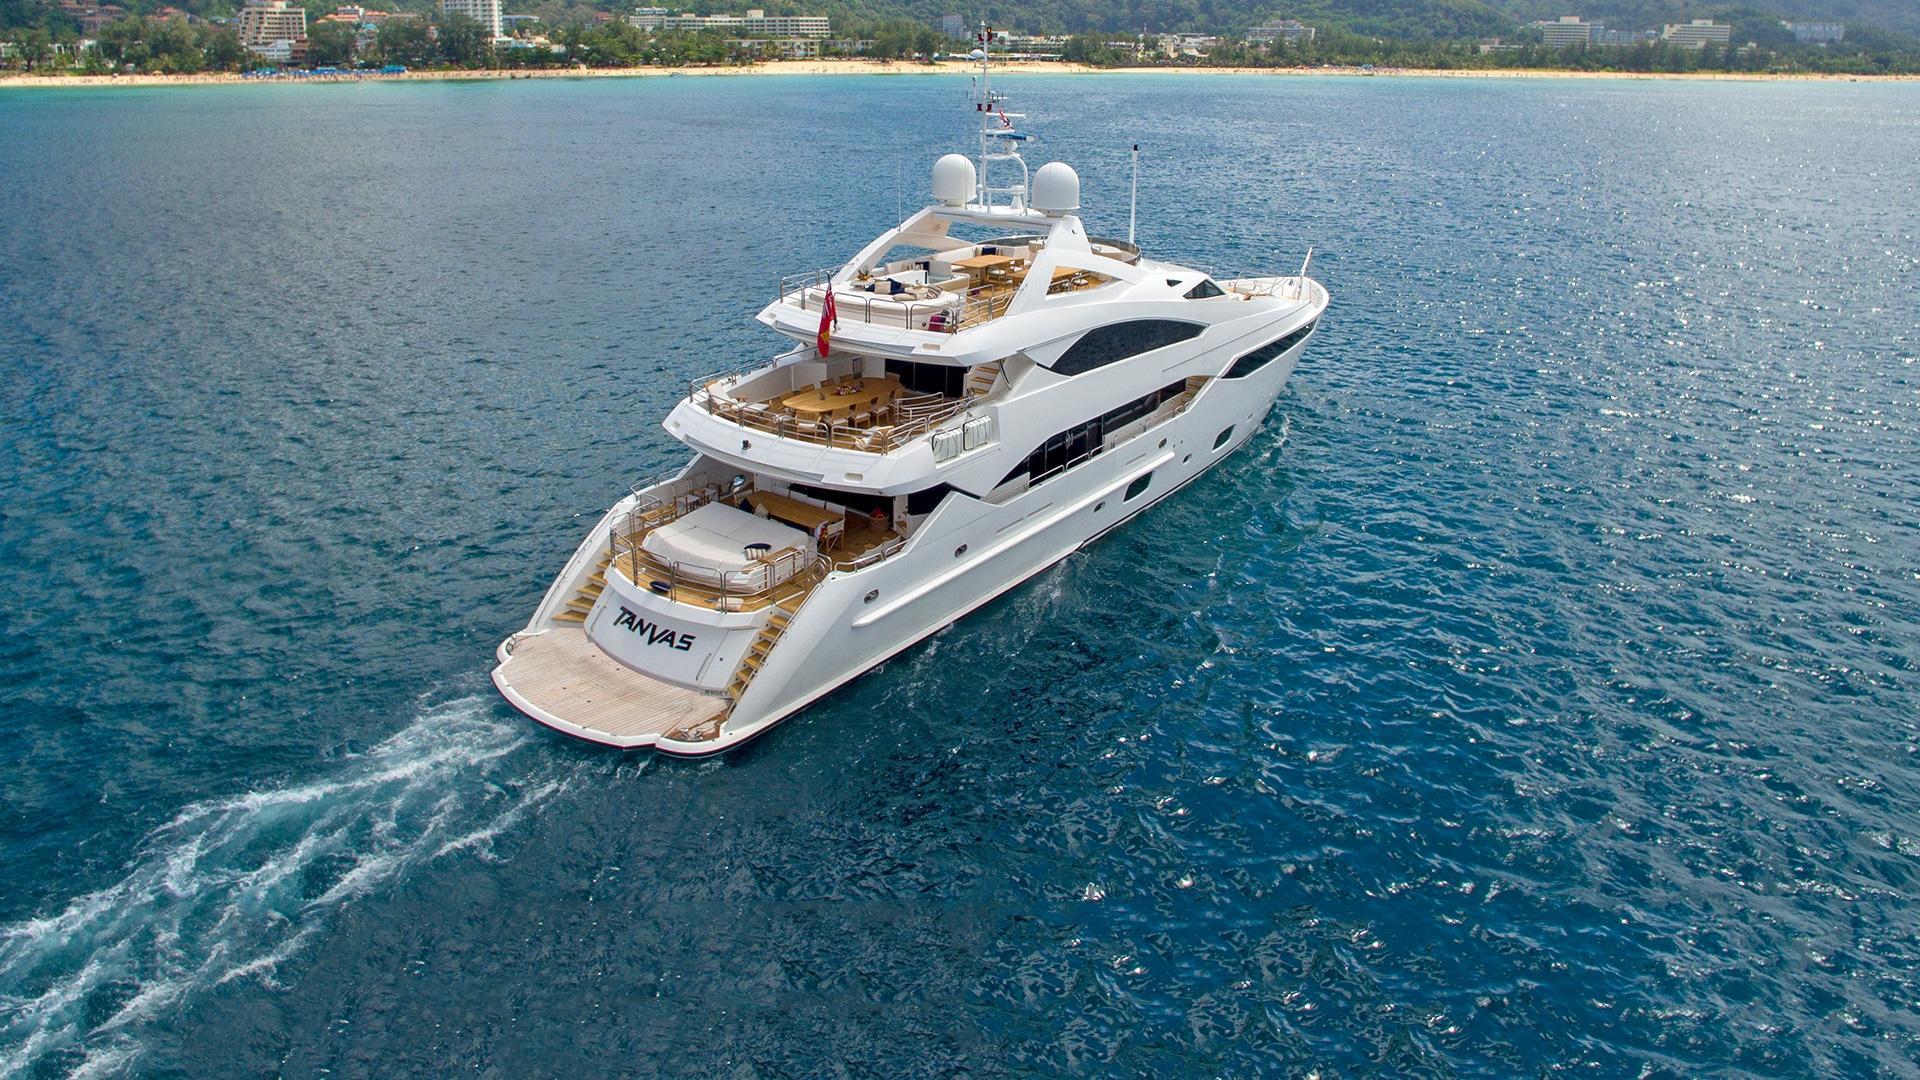 131 Foot Sunseeker Yacht Tanvas